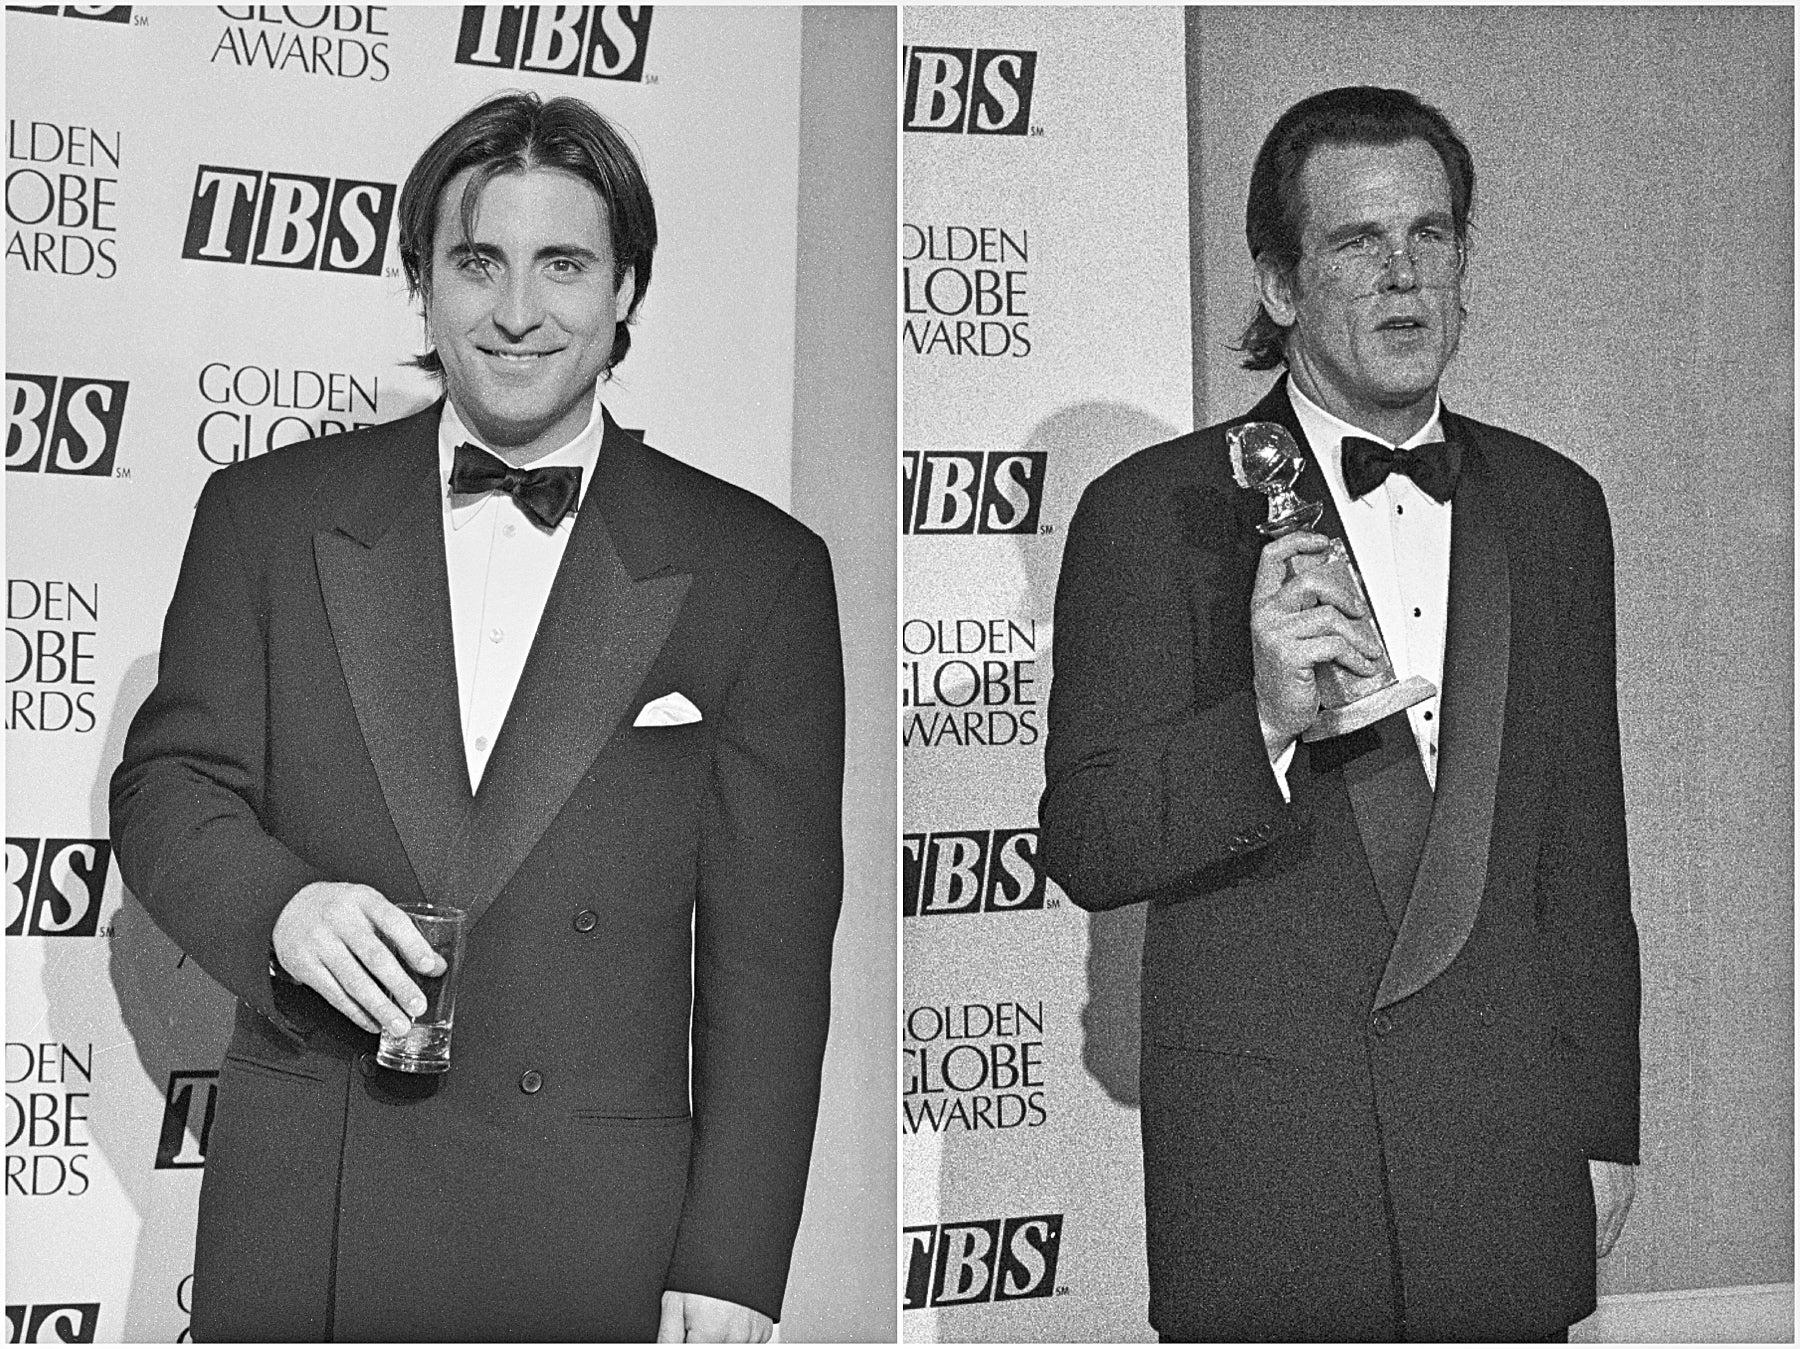 Actor Andy Garcia, Golden Globe nominee, and actor Nick Nolte, Golden Globe winner